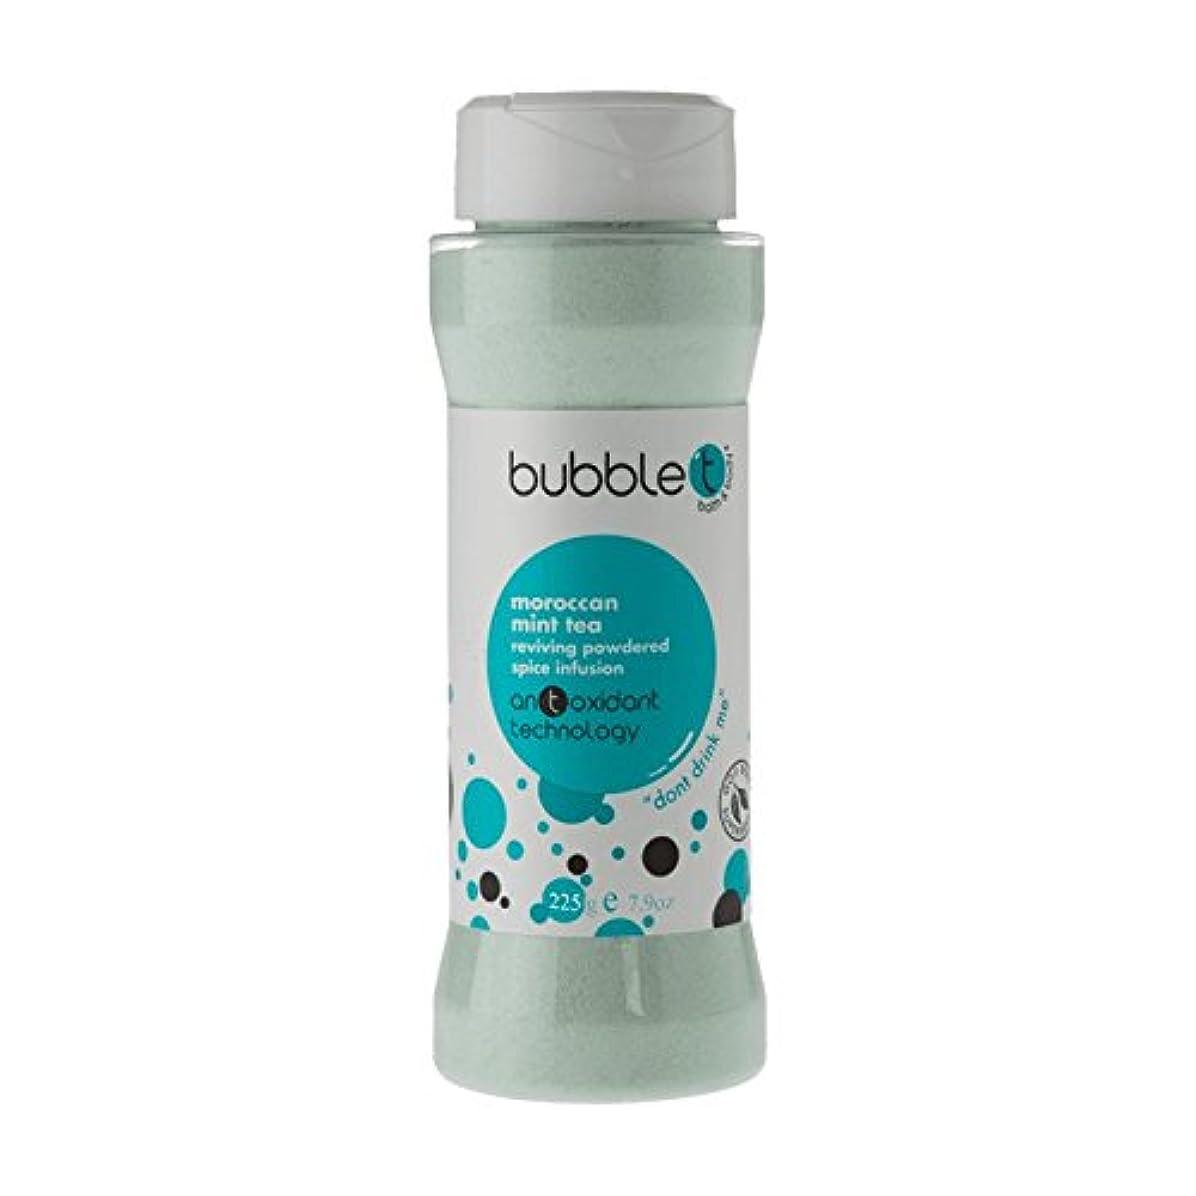 支配的ジェット脱臼するBubble T Bath Spice Infusion Morrocan Mint Tea 225g (Pack of 2) - バブルトン風呂スパイス注入モロッコのミントティー225グラム (x2) [並行輸入品]